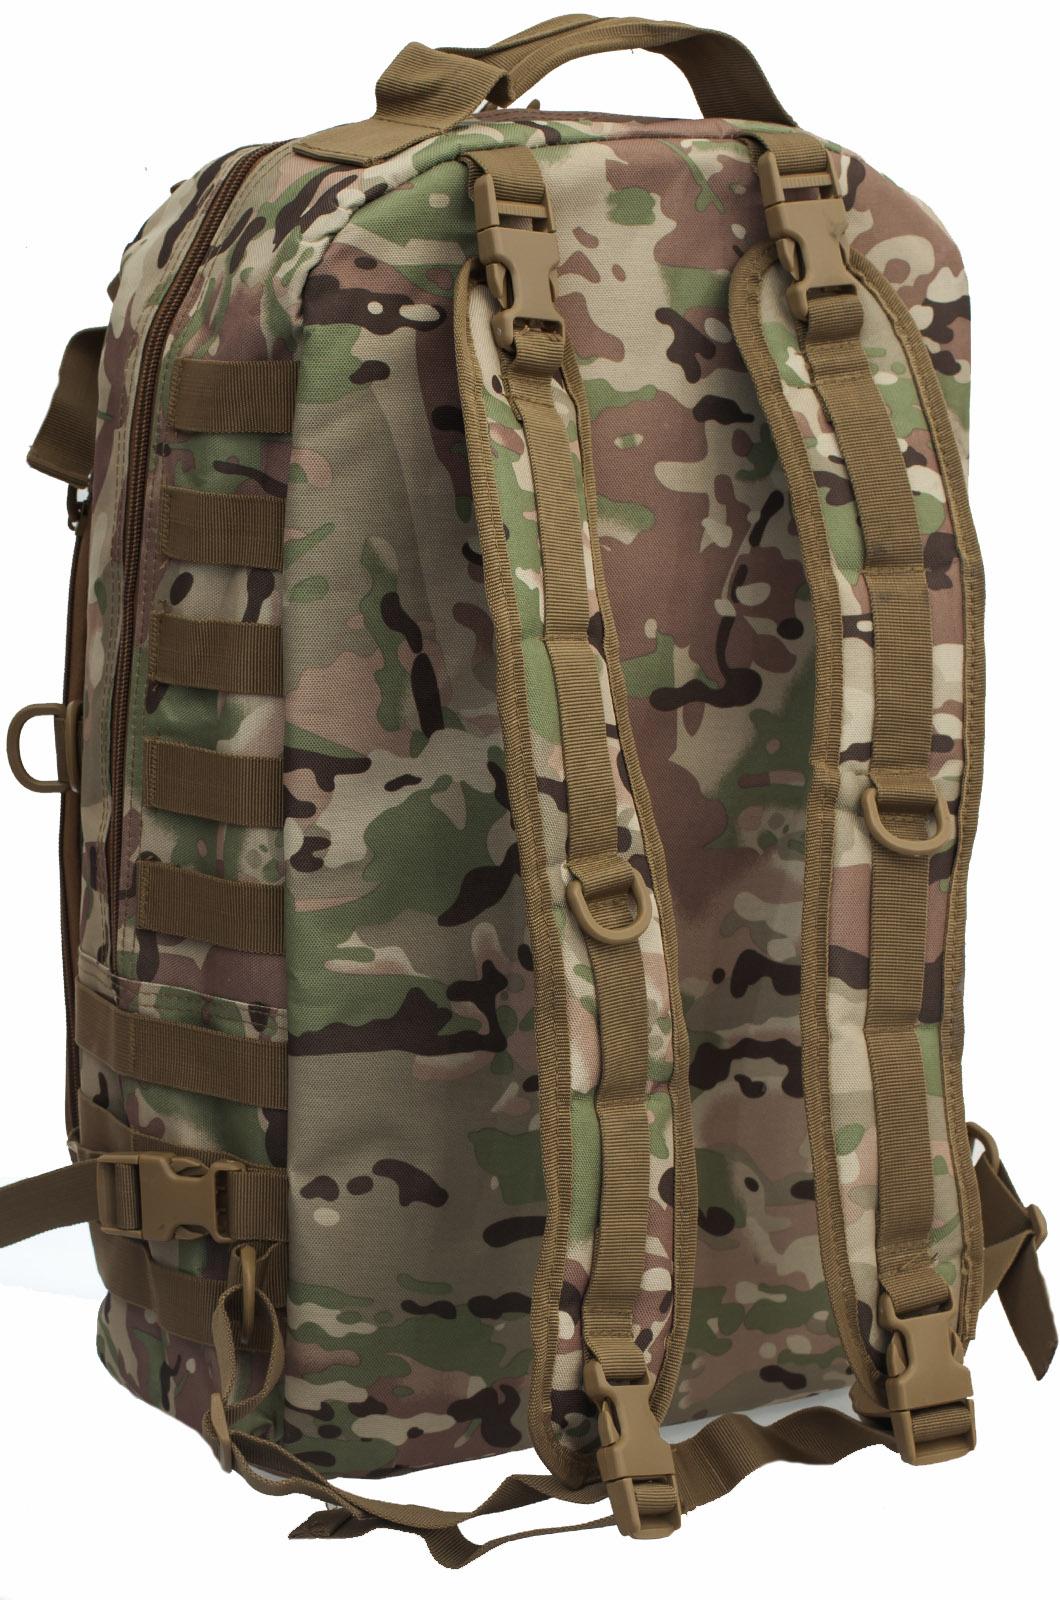 Охотничий камуфляжный рюкзак Русская Охота - заказать в подарок